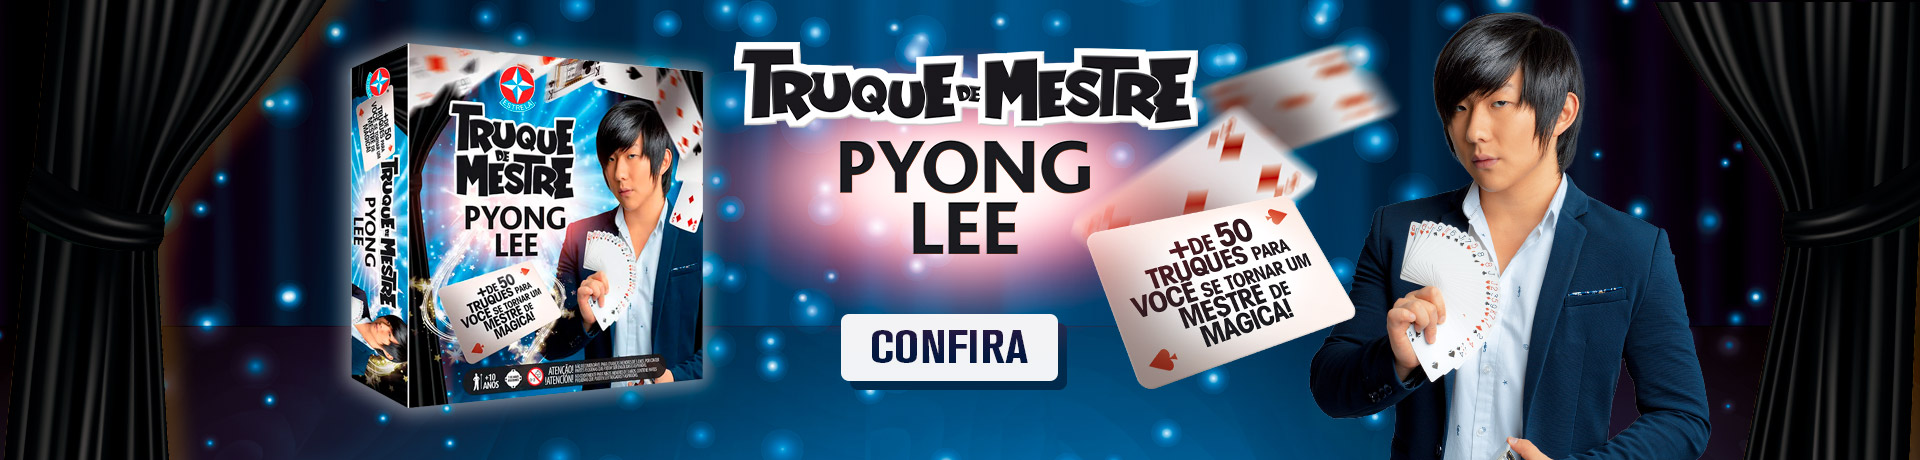 Truque de Mestre Pyong